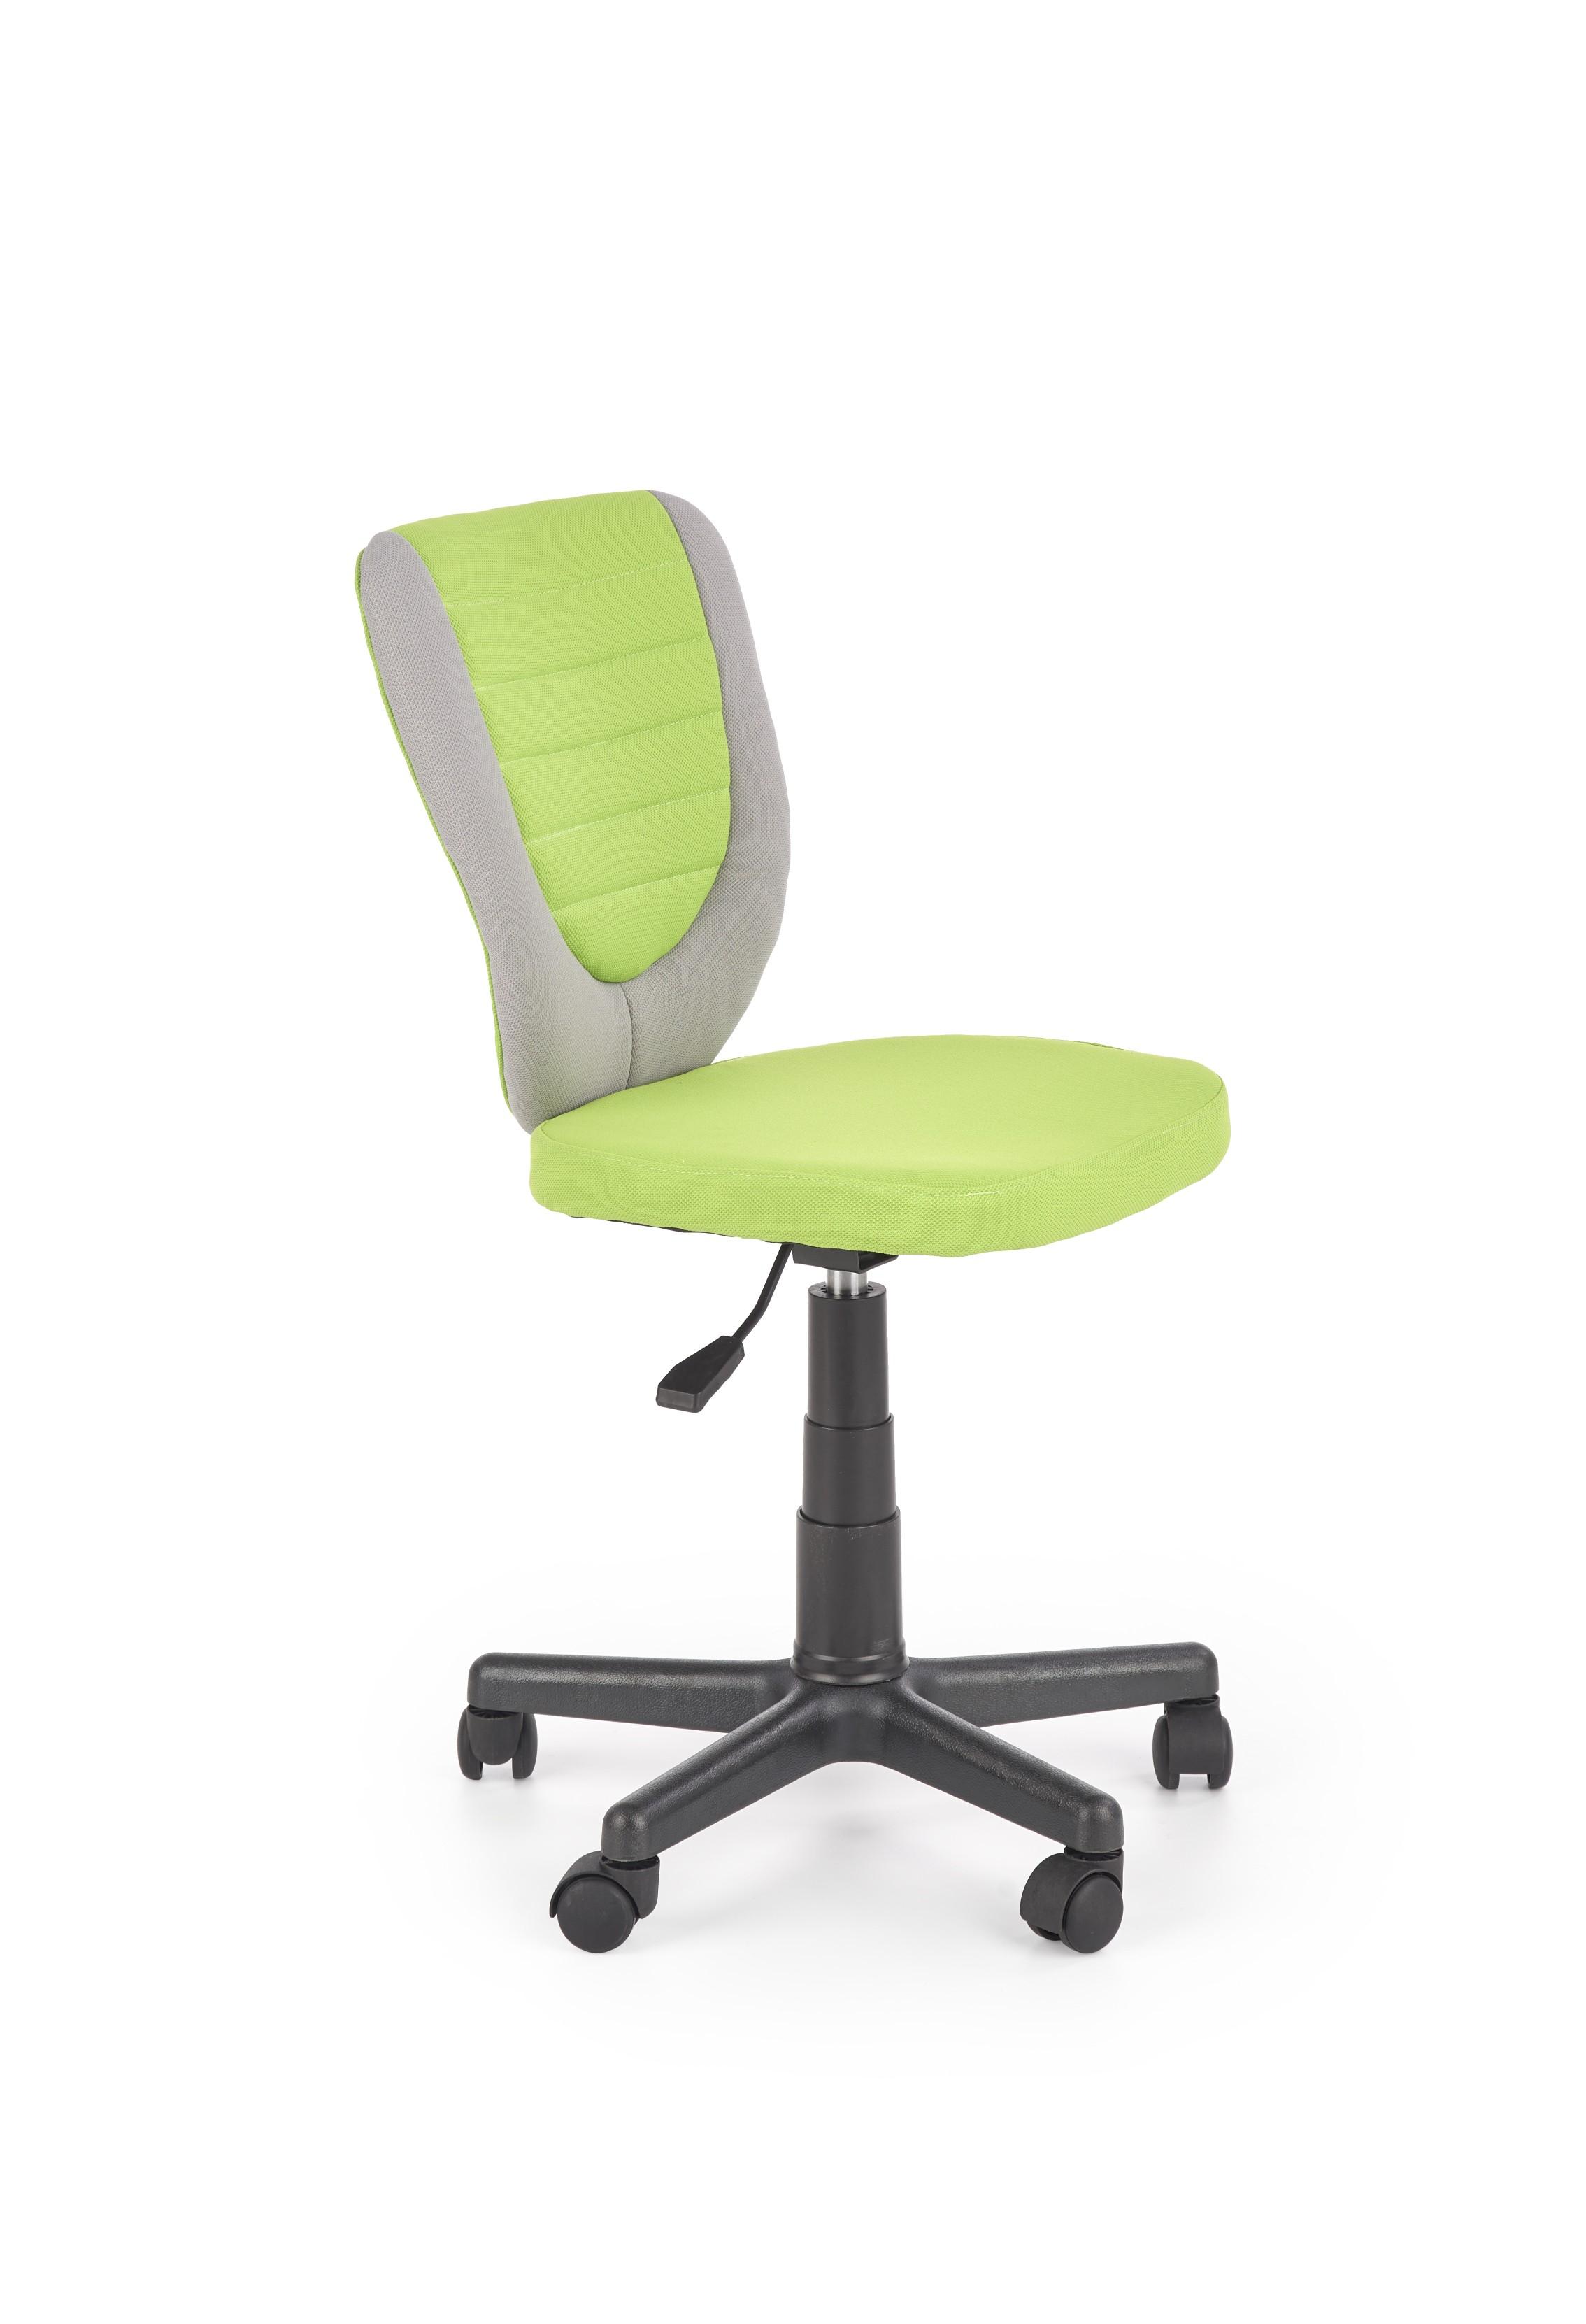 Dětská kancelářská židle TOBY, šedo-zelená